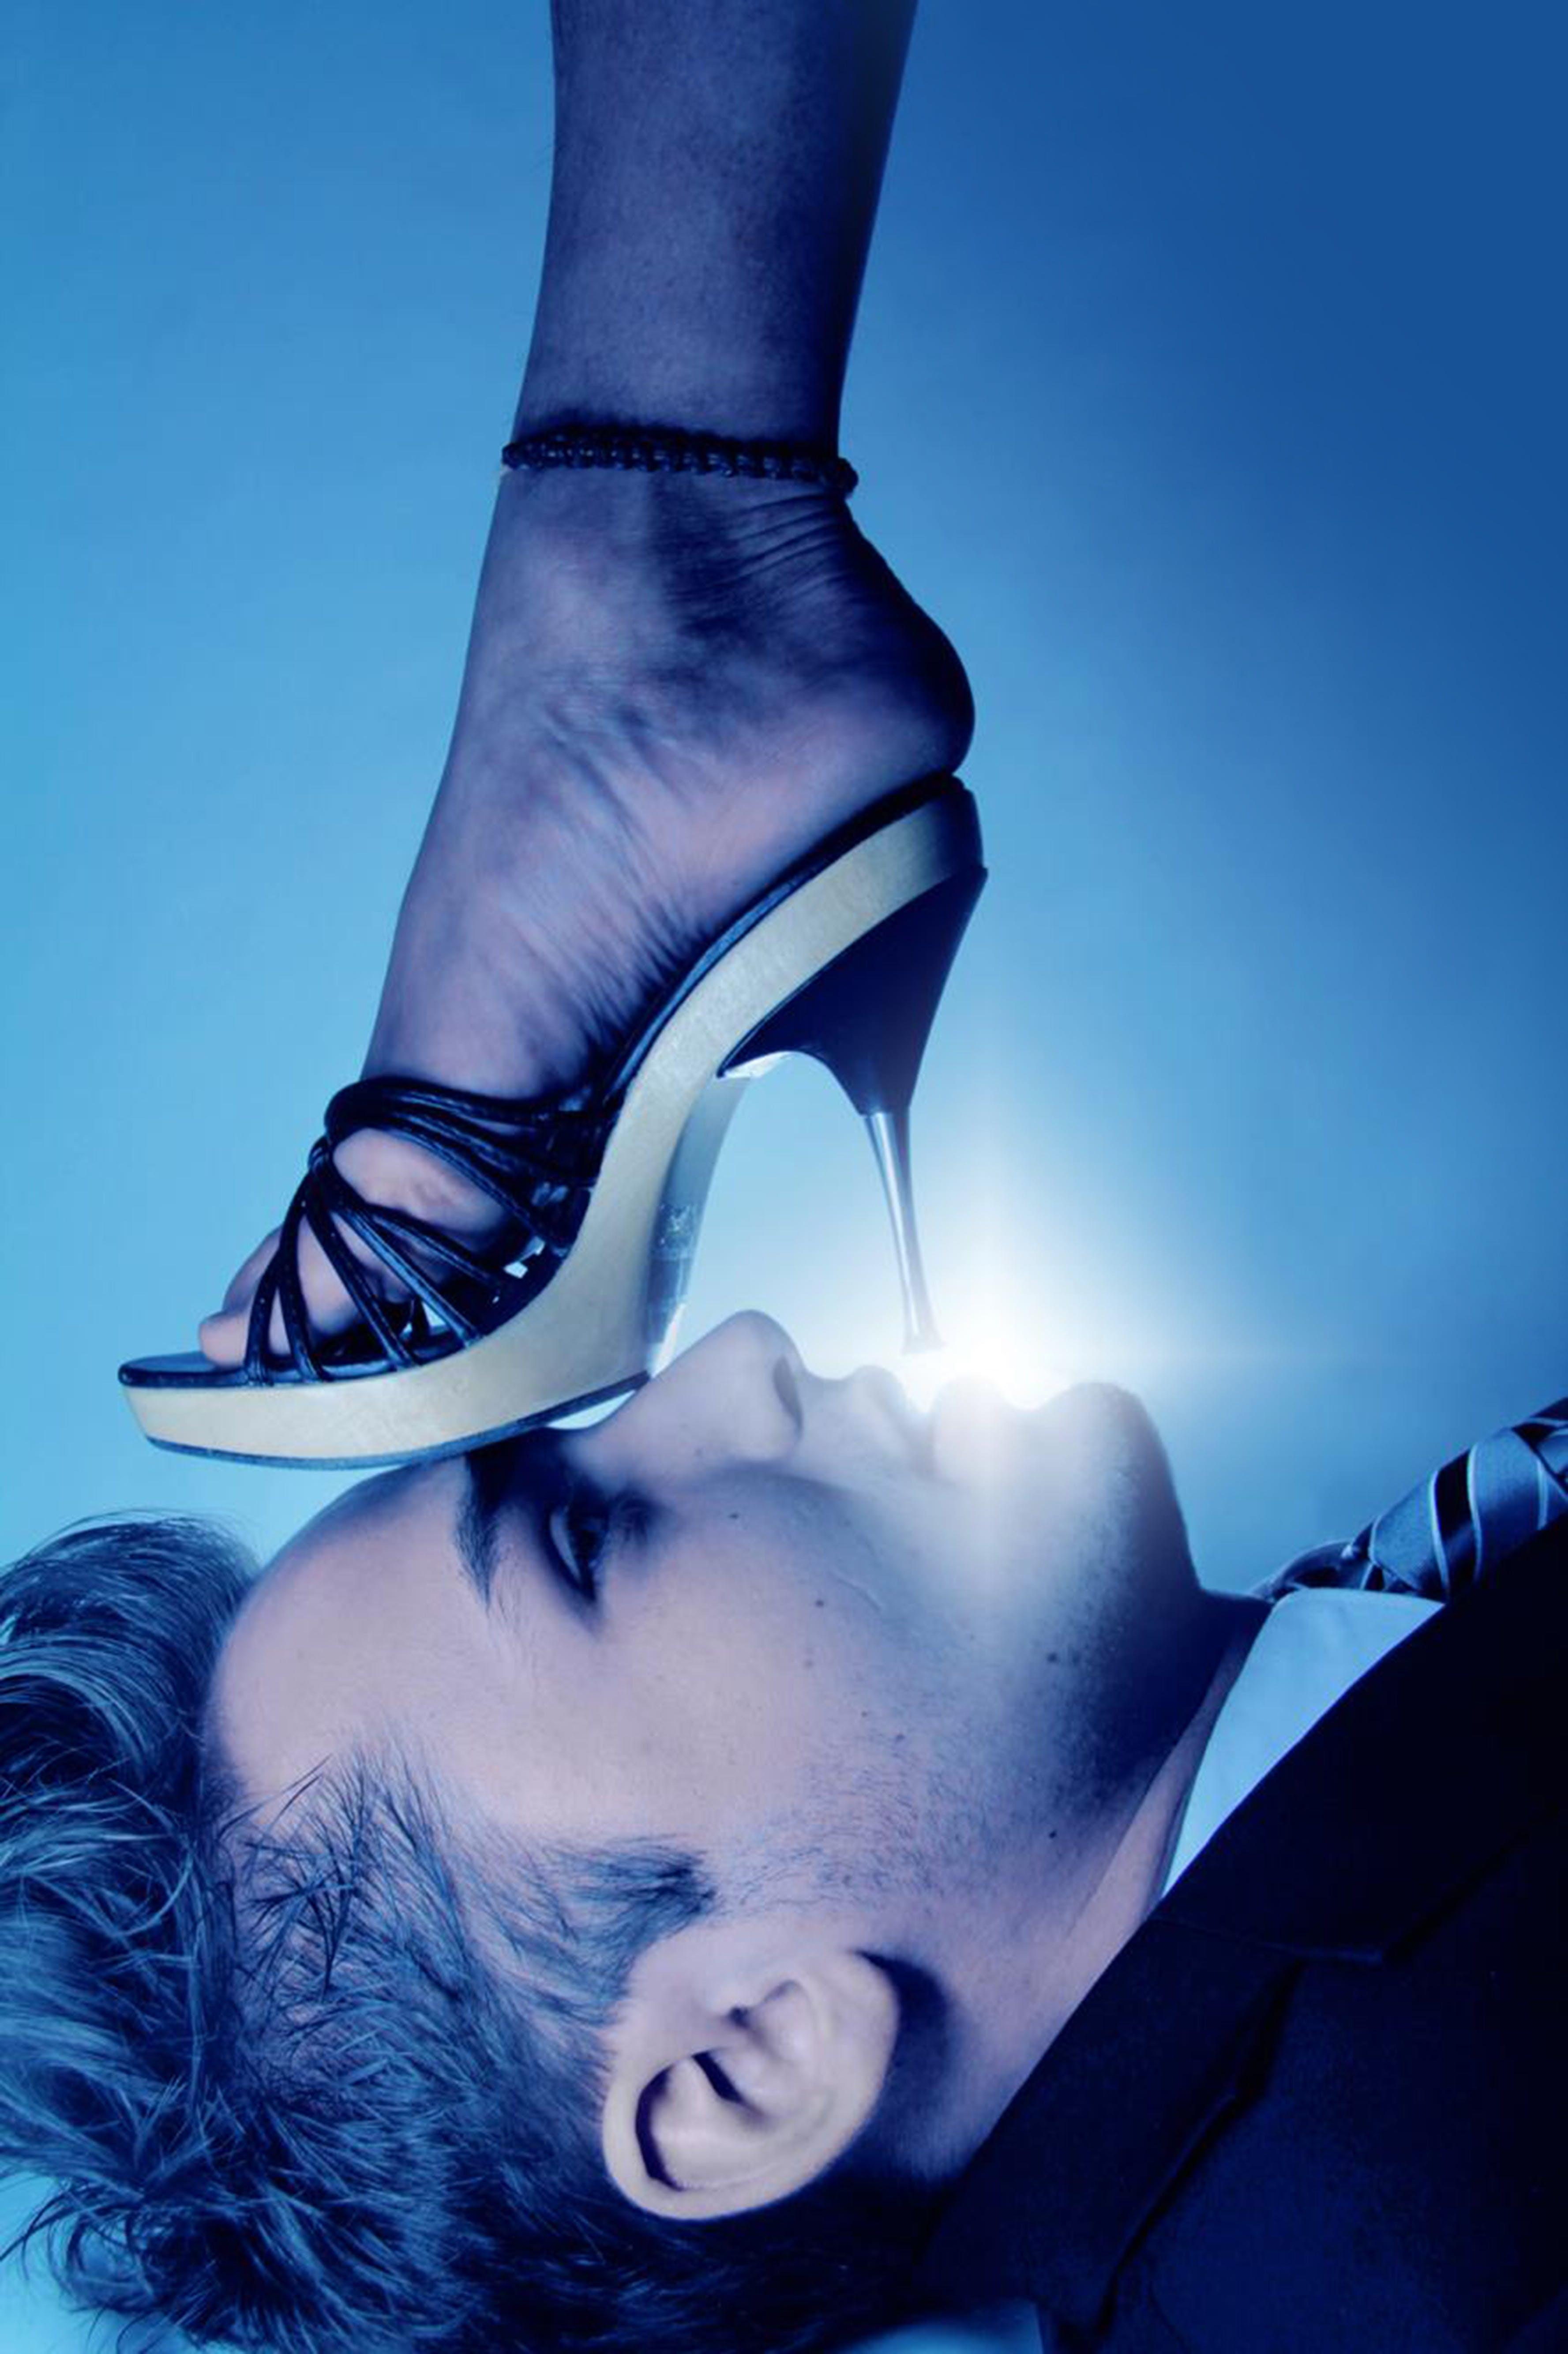 açık, adam, aşındırmak, ayakkabı içeren Ücretsiz stok fotoğraf